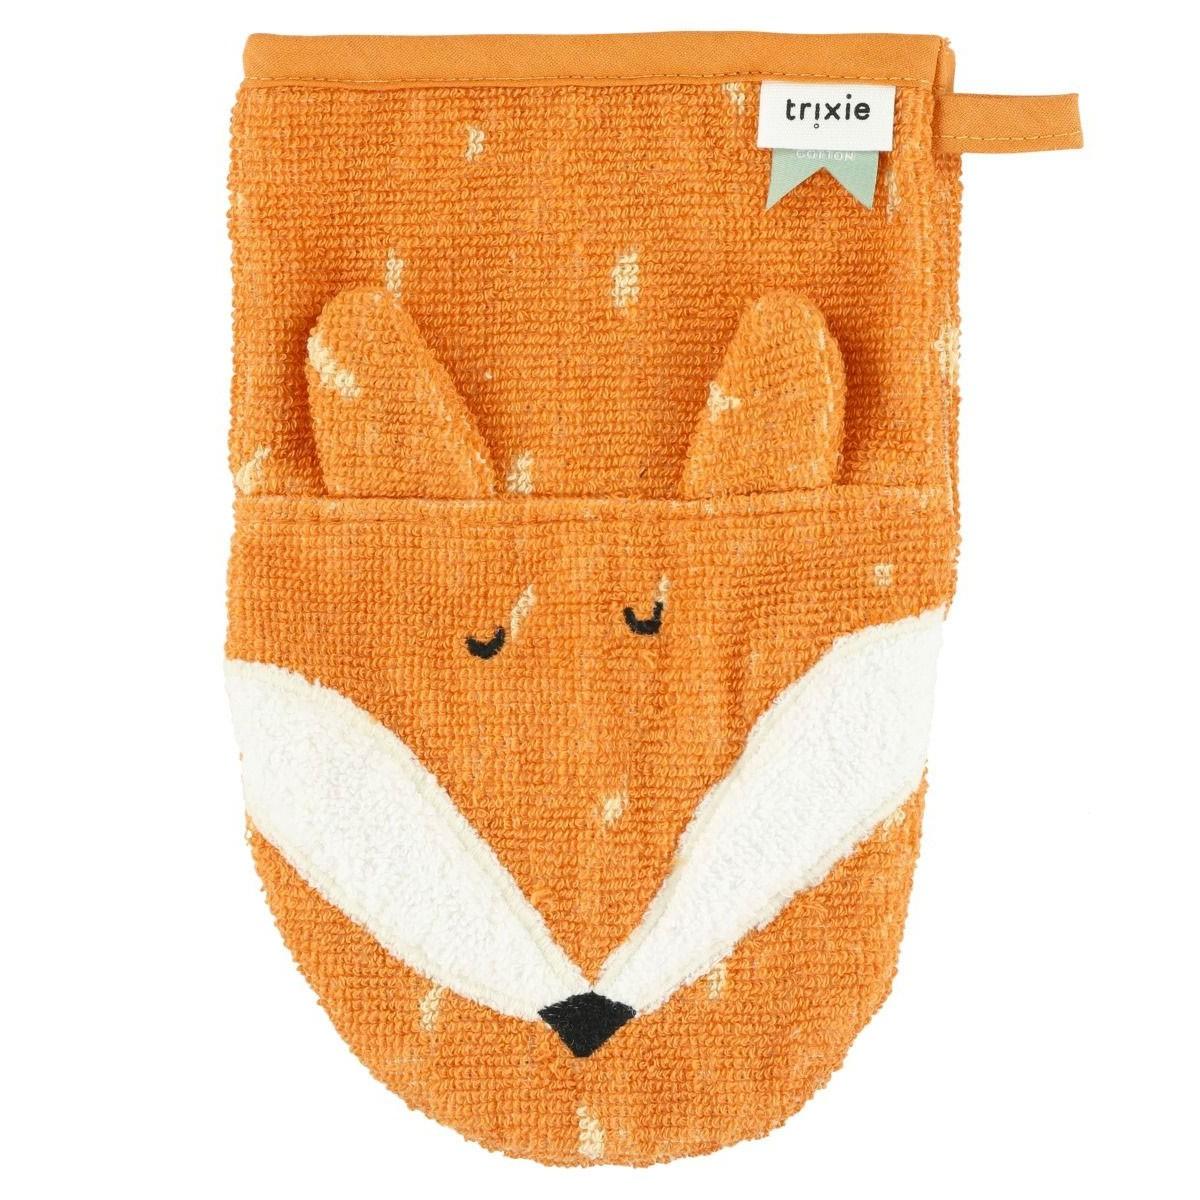 Trixie Baby - Waschlappen Mr Fox Orange